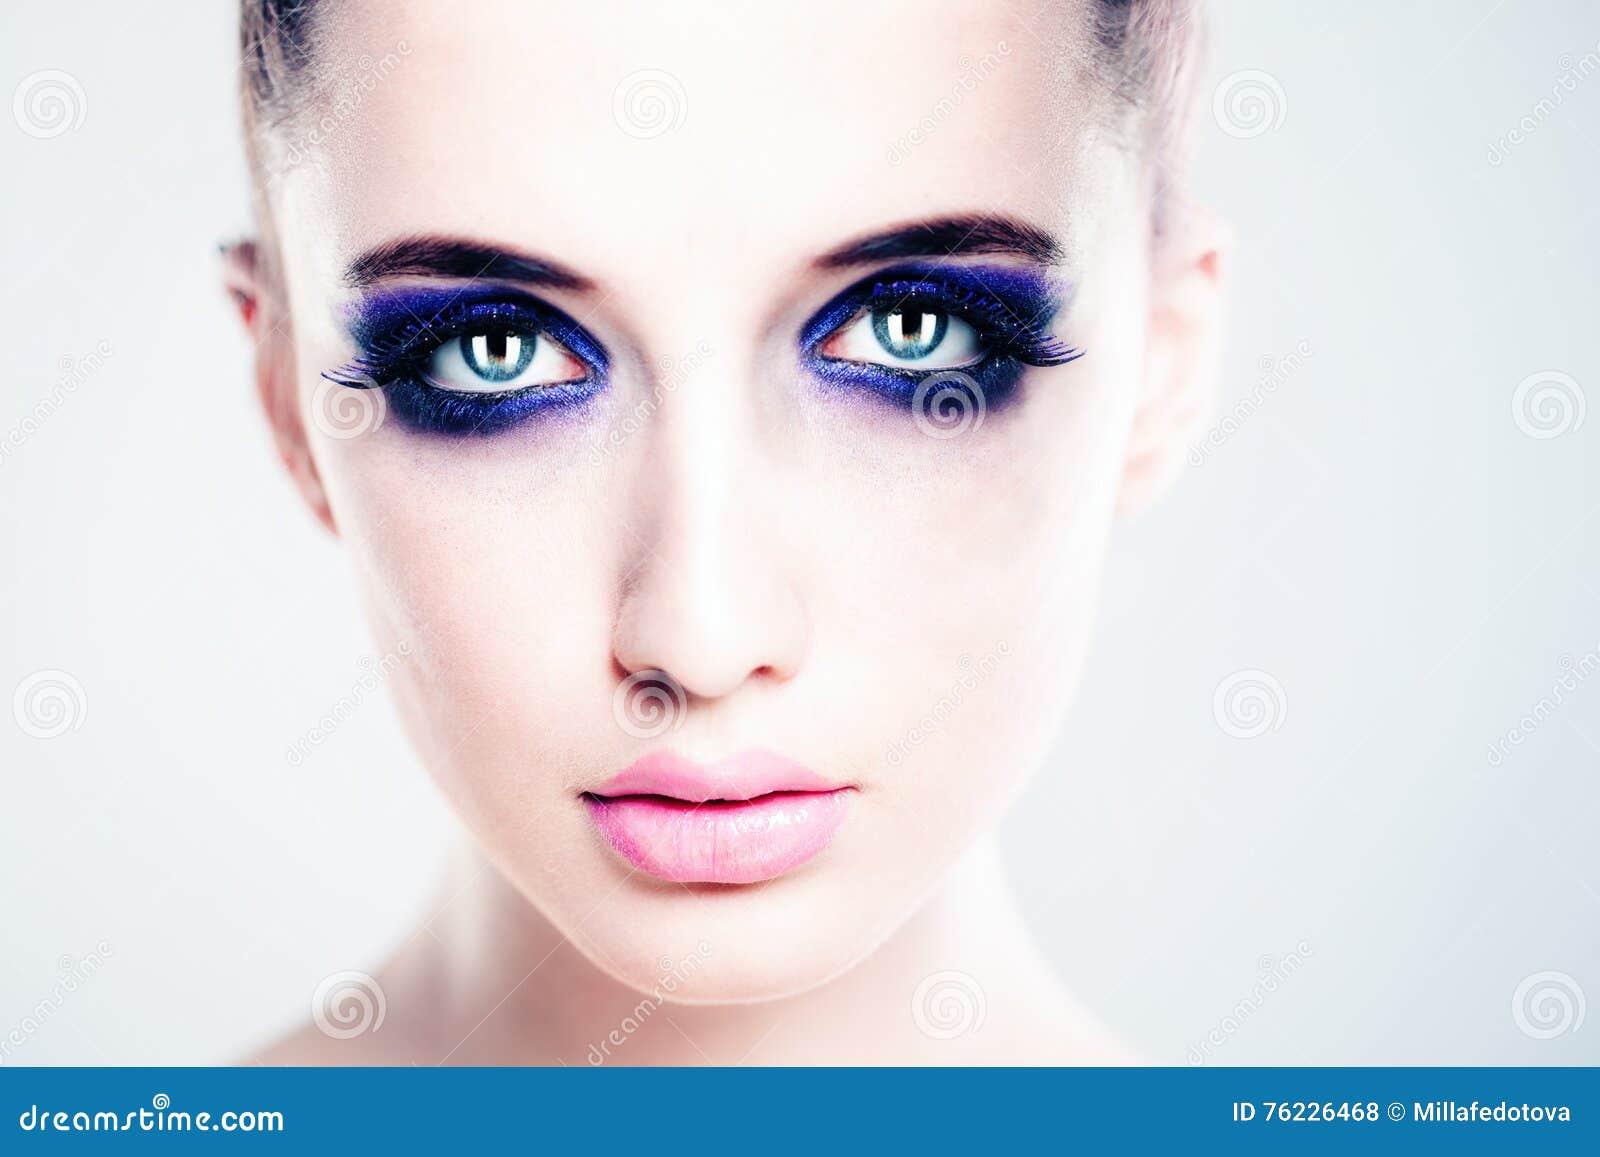 Perfektes Gesicht Mit Künstlerischem Make Up Schöne Frau Stockfoto